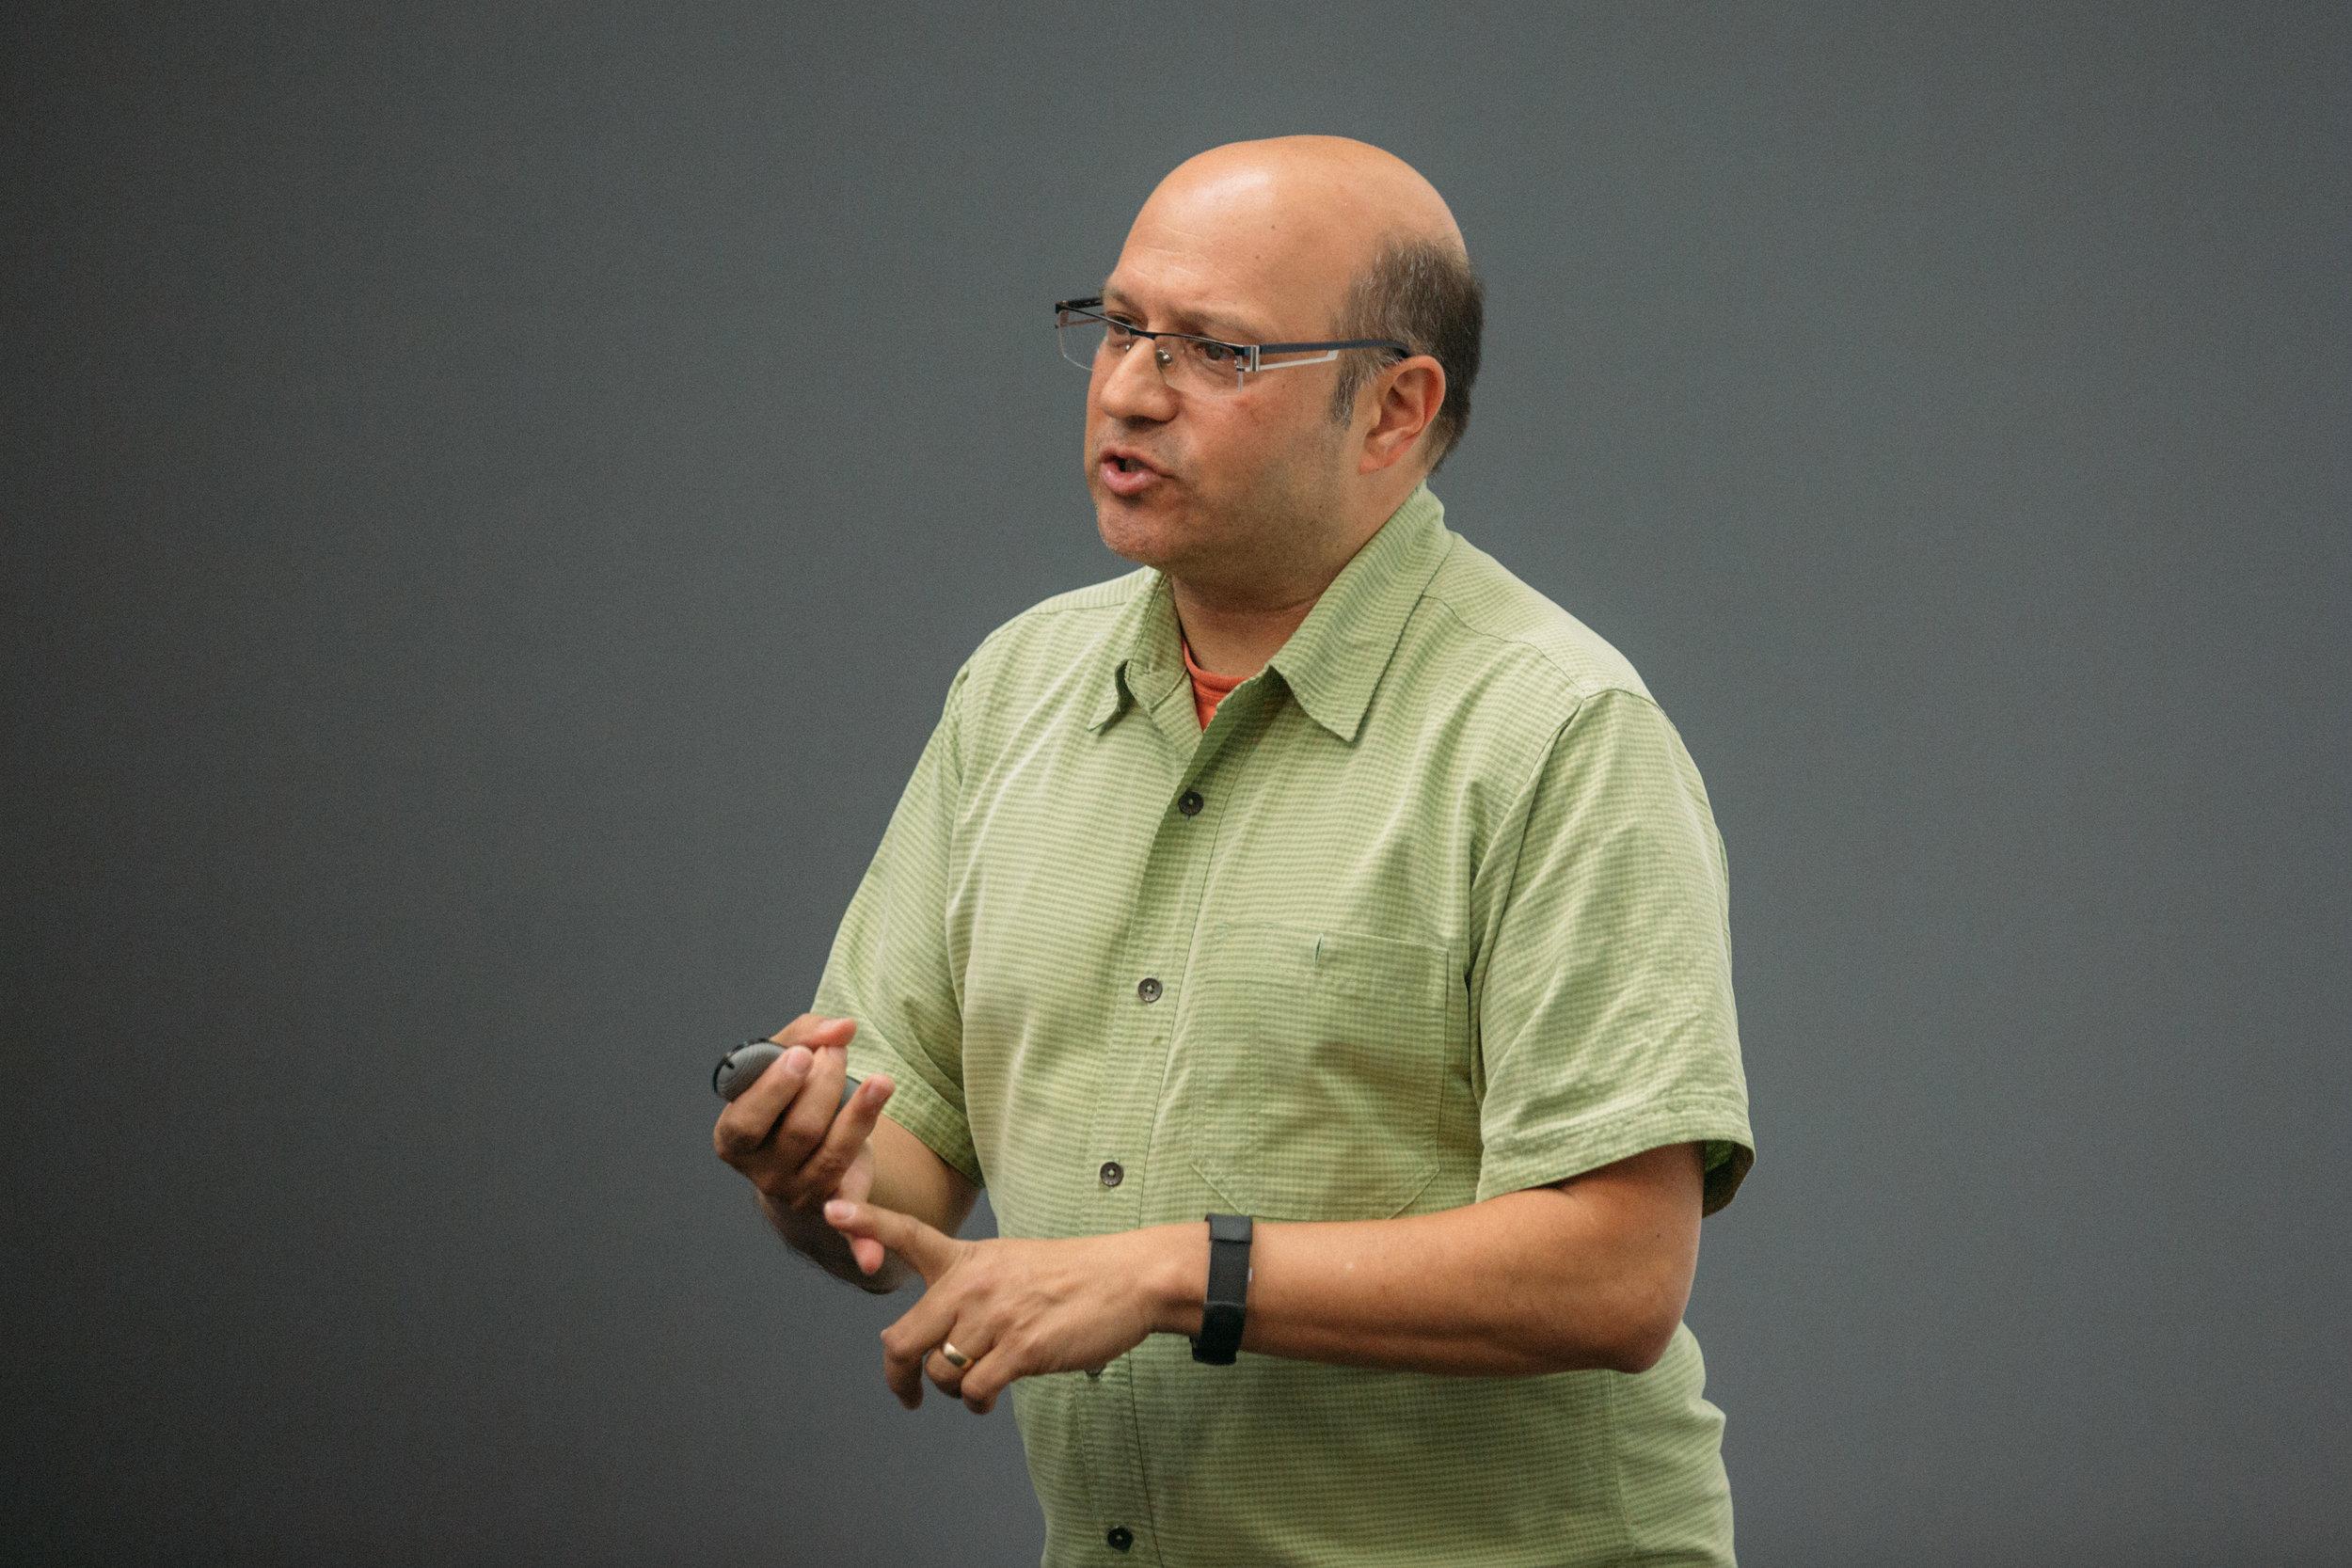 ProductCamp Cincinnati Steve Ramos Speaking.JPG